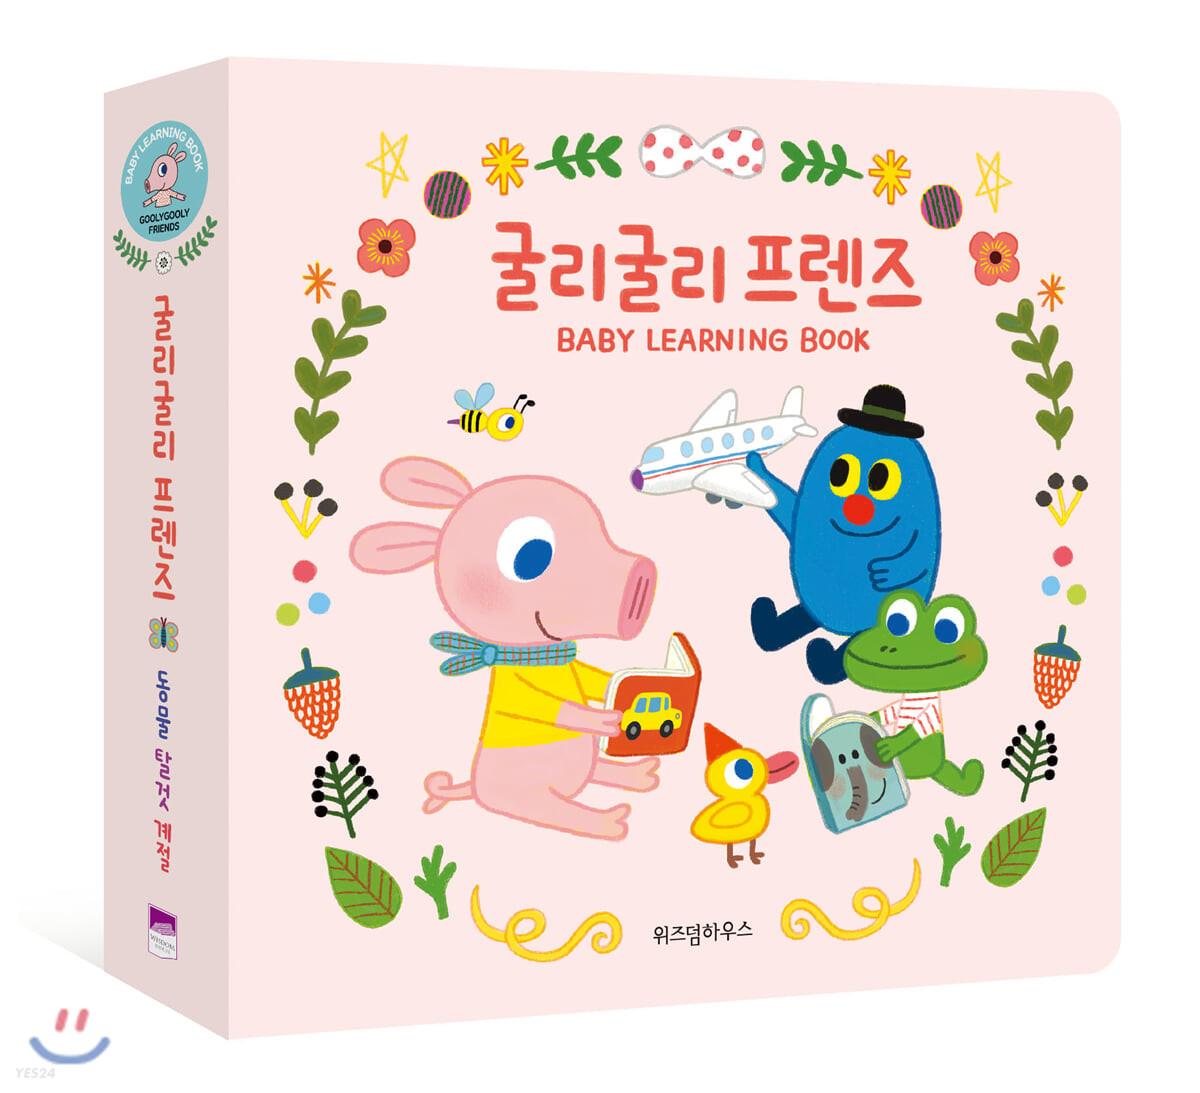 굴리굴리 프렌즈 BABY LEARNING BOOK 세트